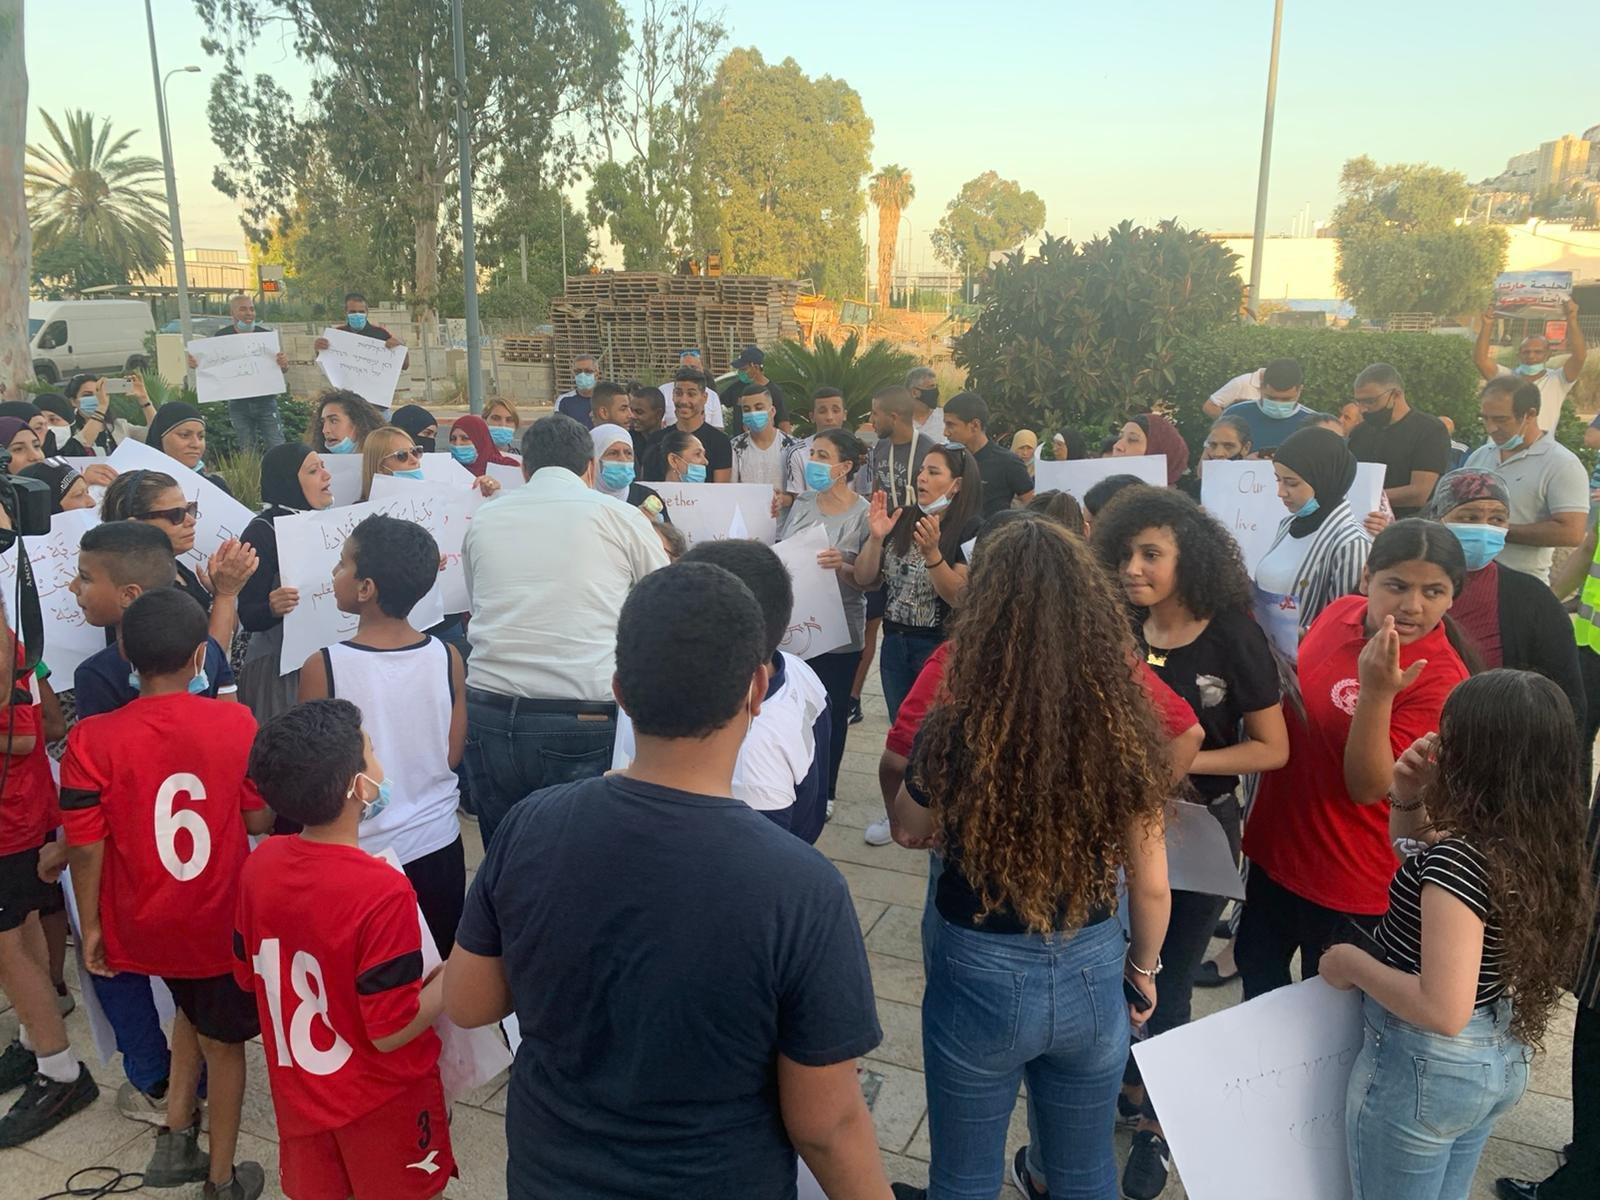 مقابل مقر لواء الشاطئ: صرخة حيفاوية ضد القتل واهمال الشرطة